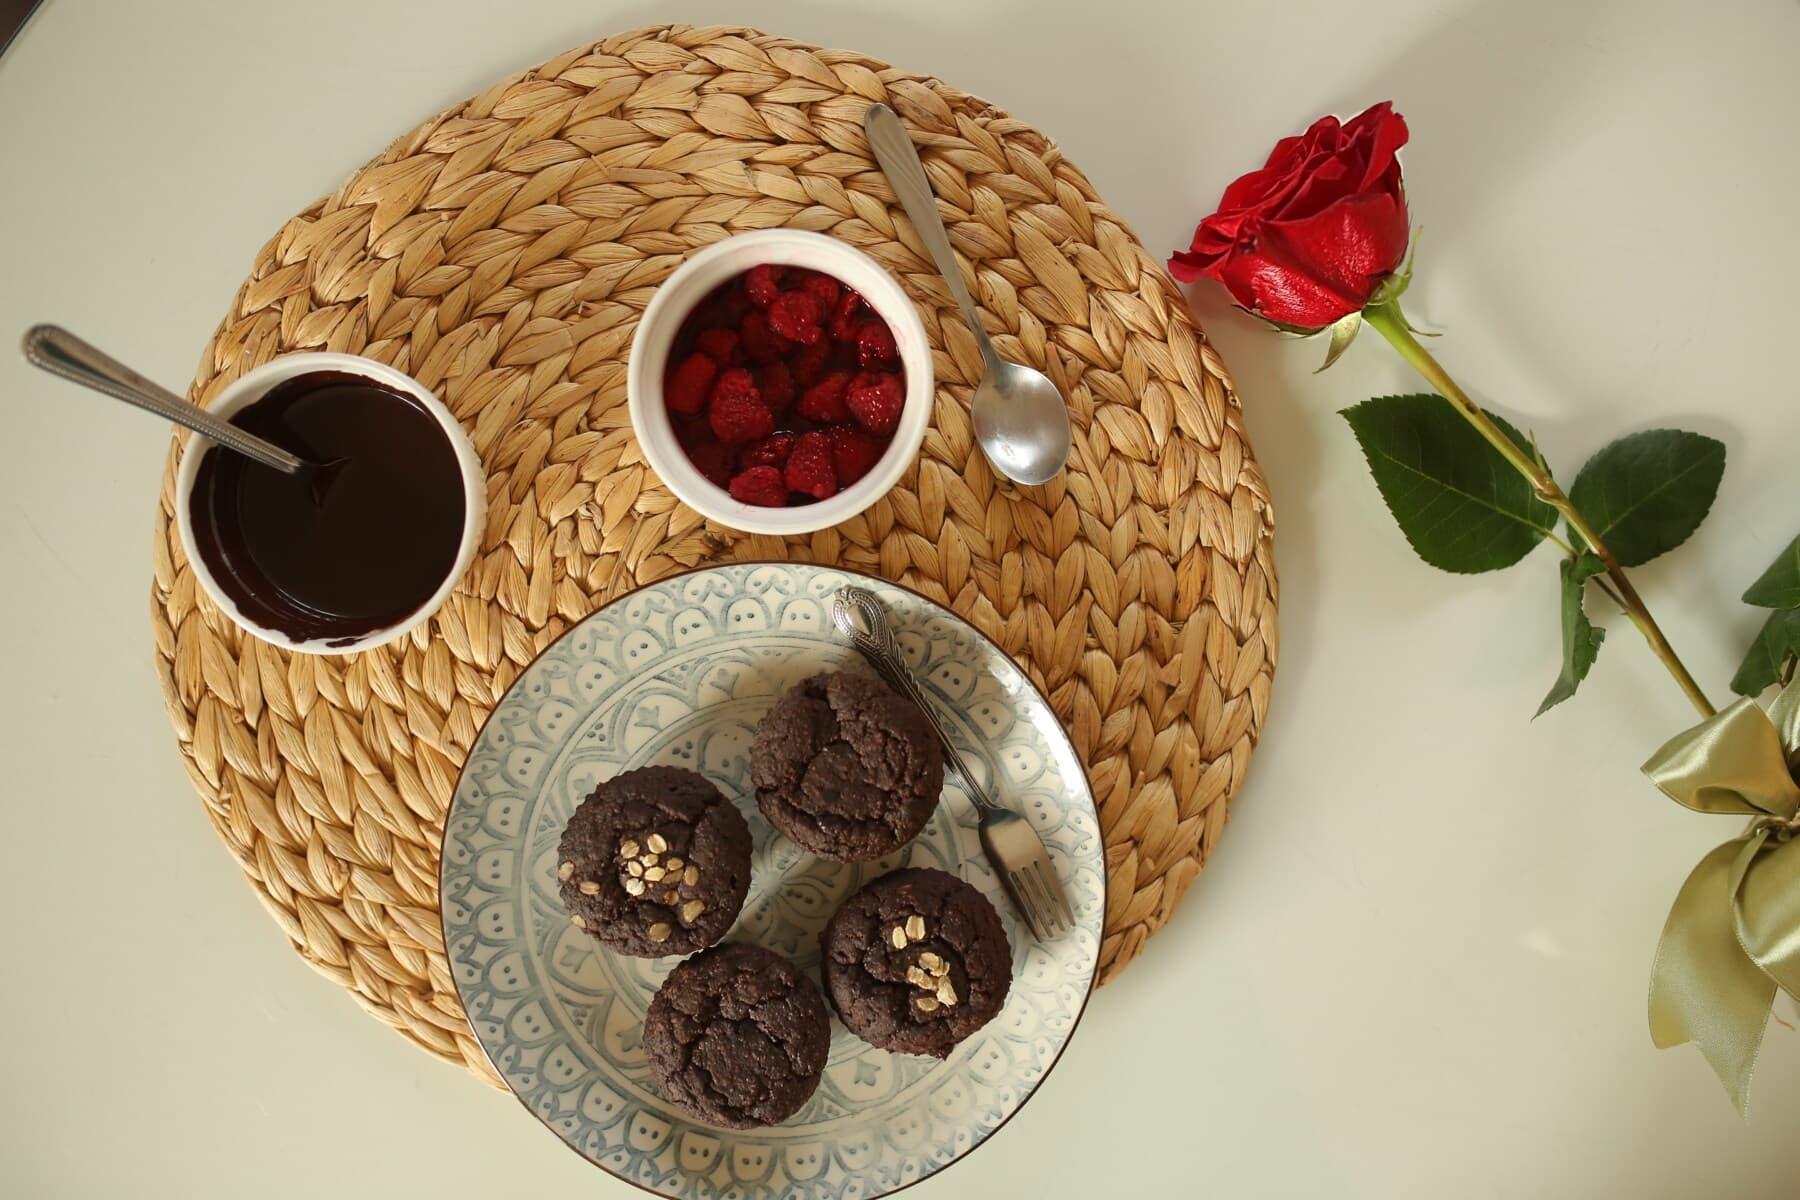 rosa, vermelho, chocolate, quente, queque, pequeno-almoço, bagas, ainda vida, madeira, comida